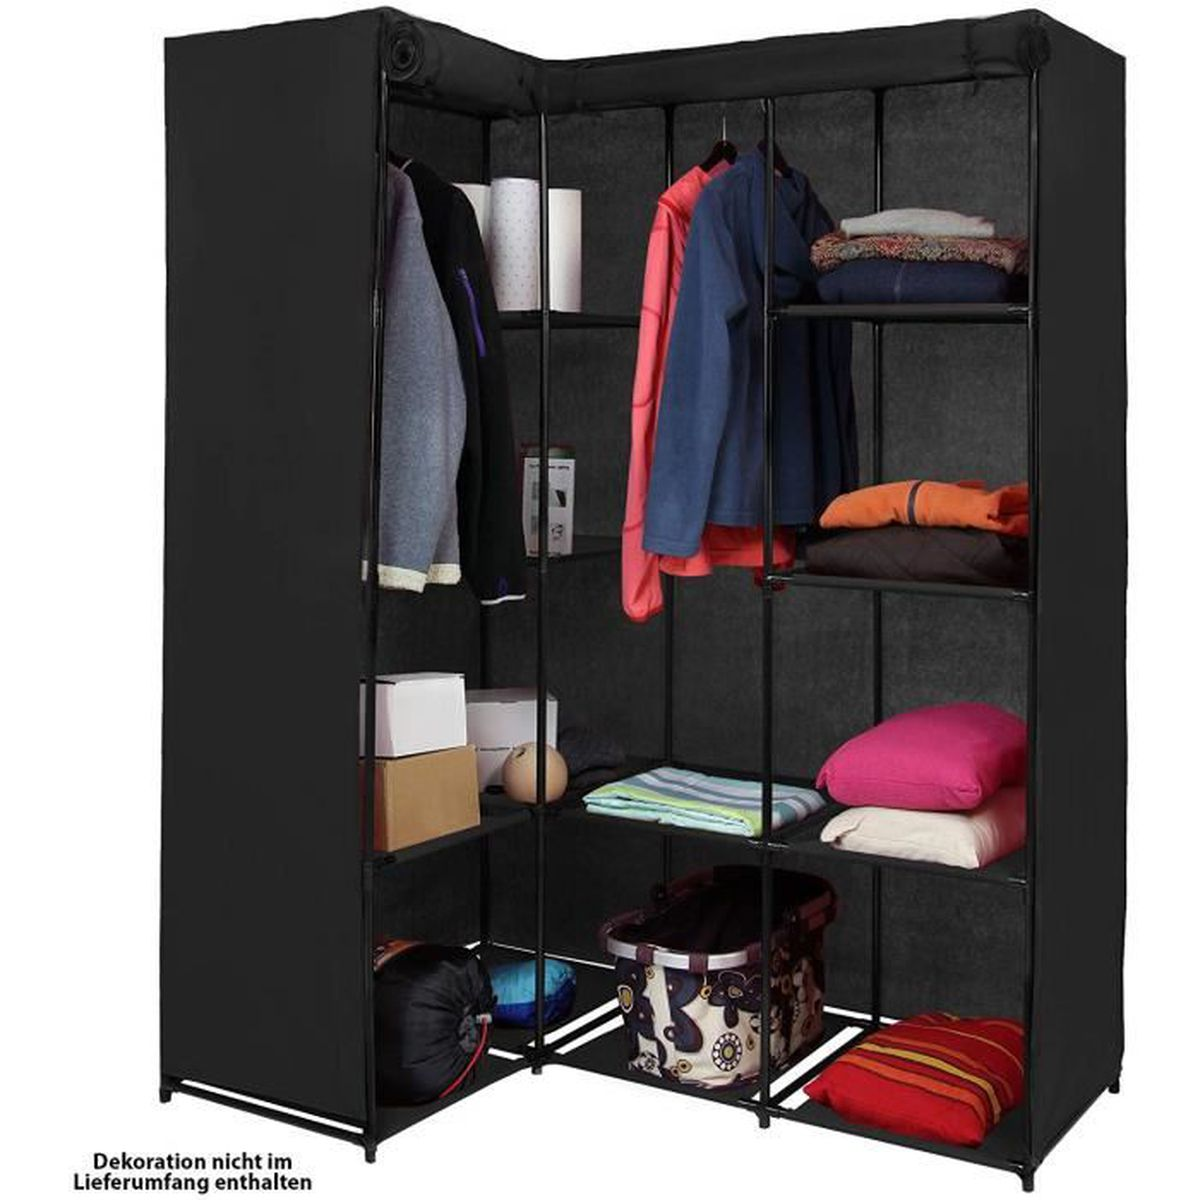 Armoire D Angle Dressing armoire d'angle penderie dressing en textile non-tissé 129 x